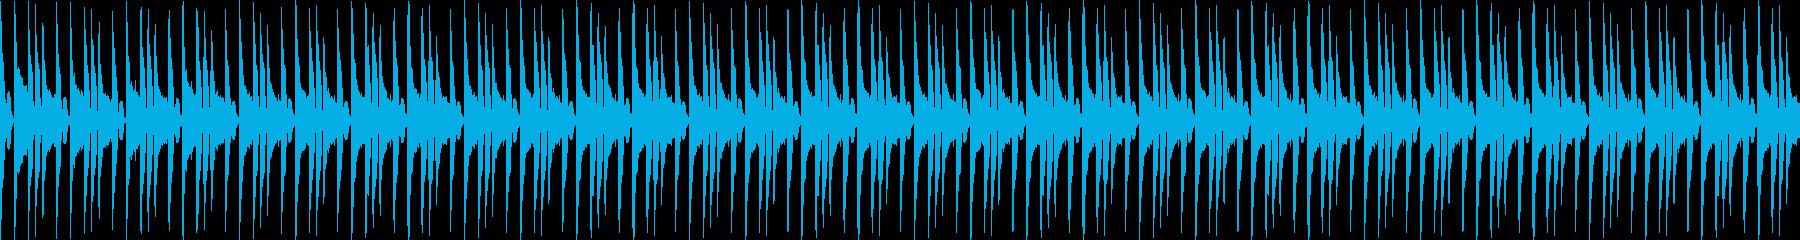 ロック風ブレイクビーツの再生済みの波形